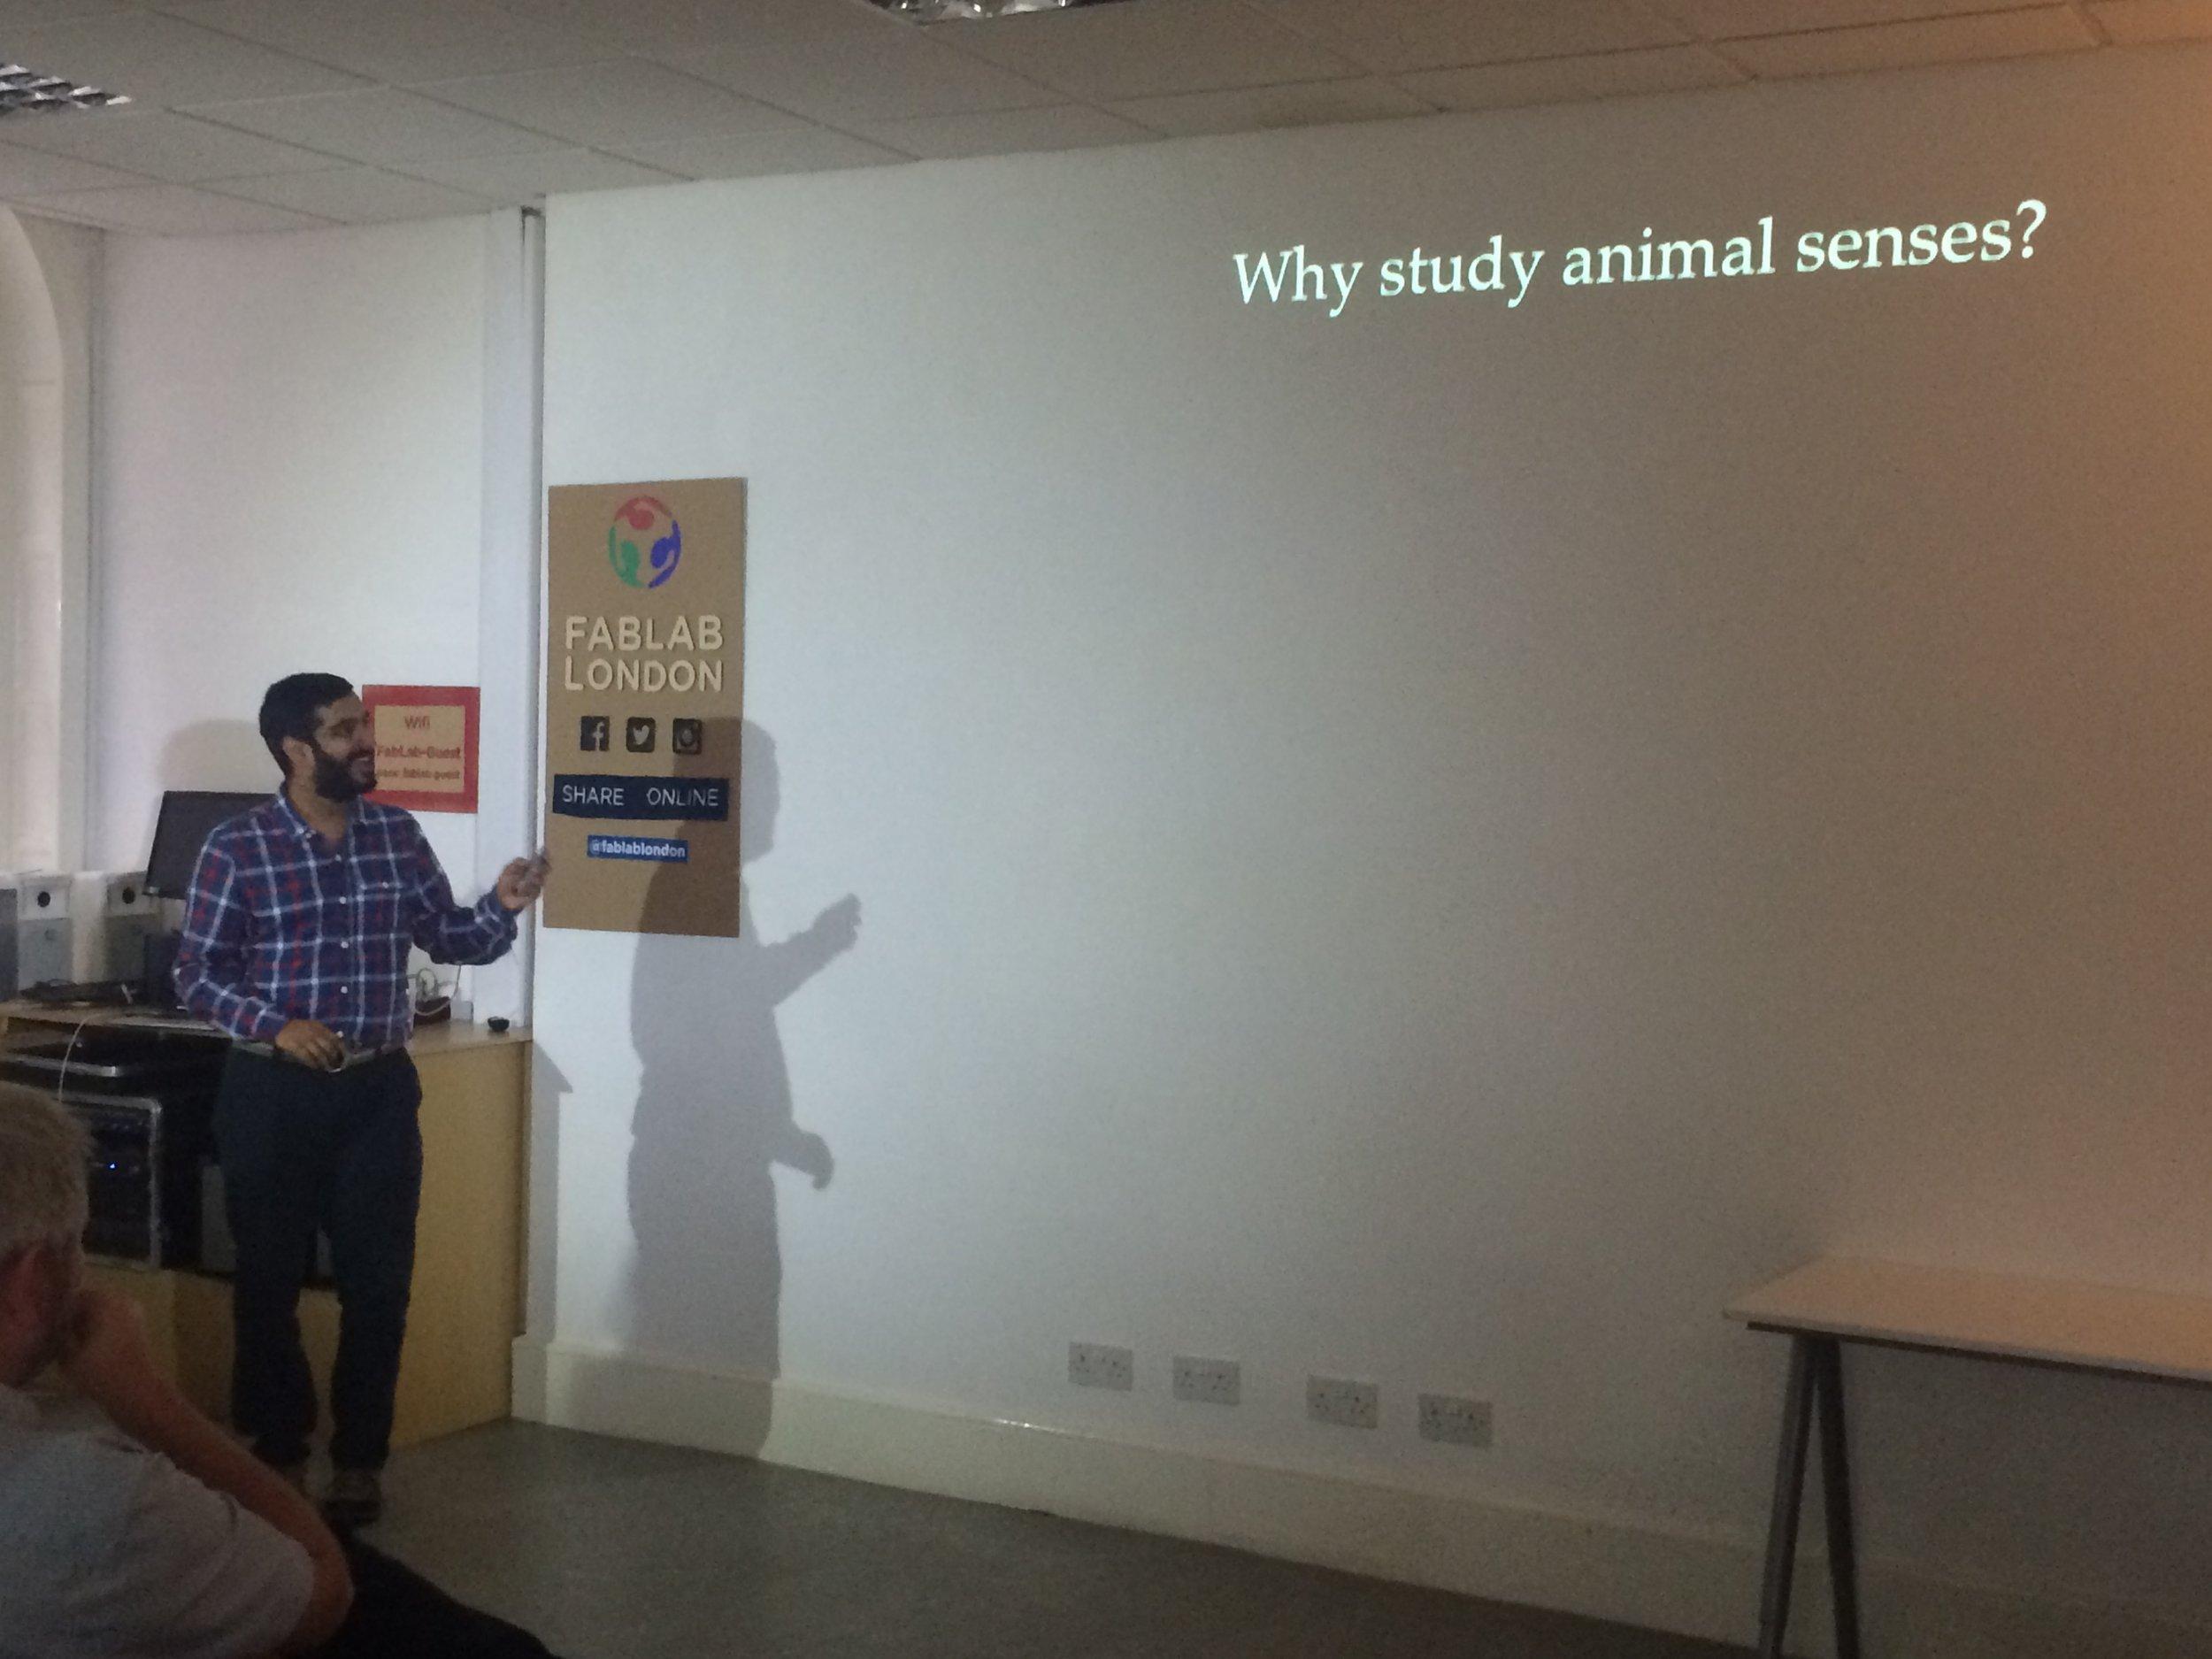 Copy of Dr Vivek Nityananda introducing the topic of animal senses